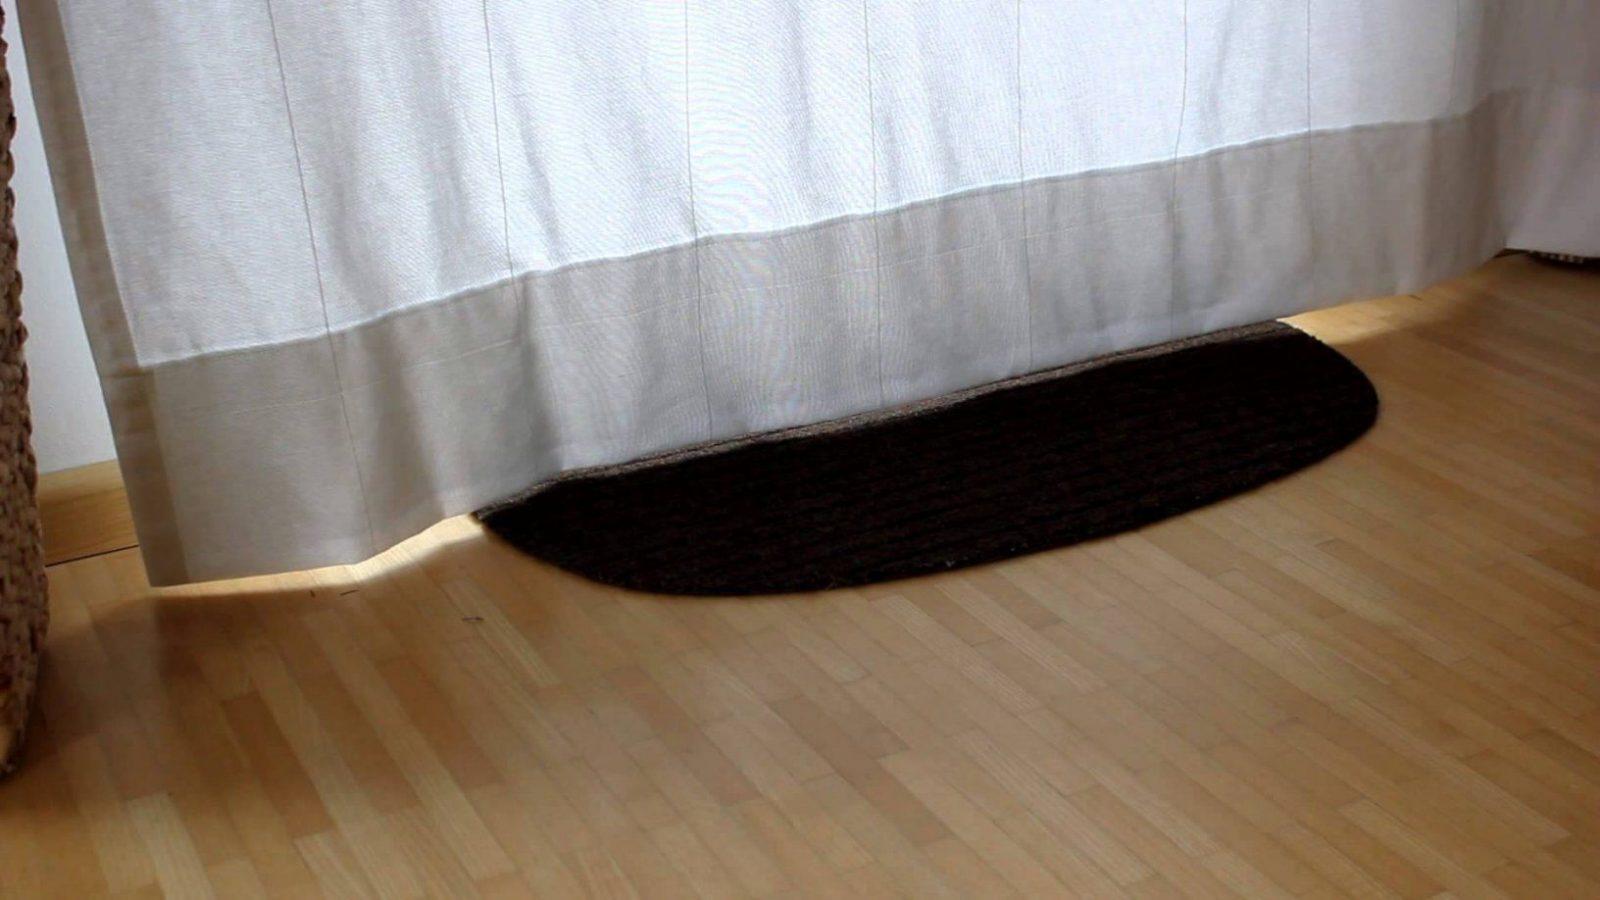 Vorhang Kürzen Teil 0708 Fertig Aufgehängt  Youtube von Gardinen Kürzen Ikea Photo